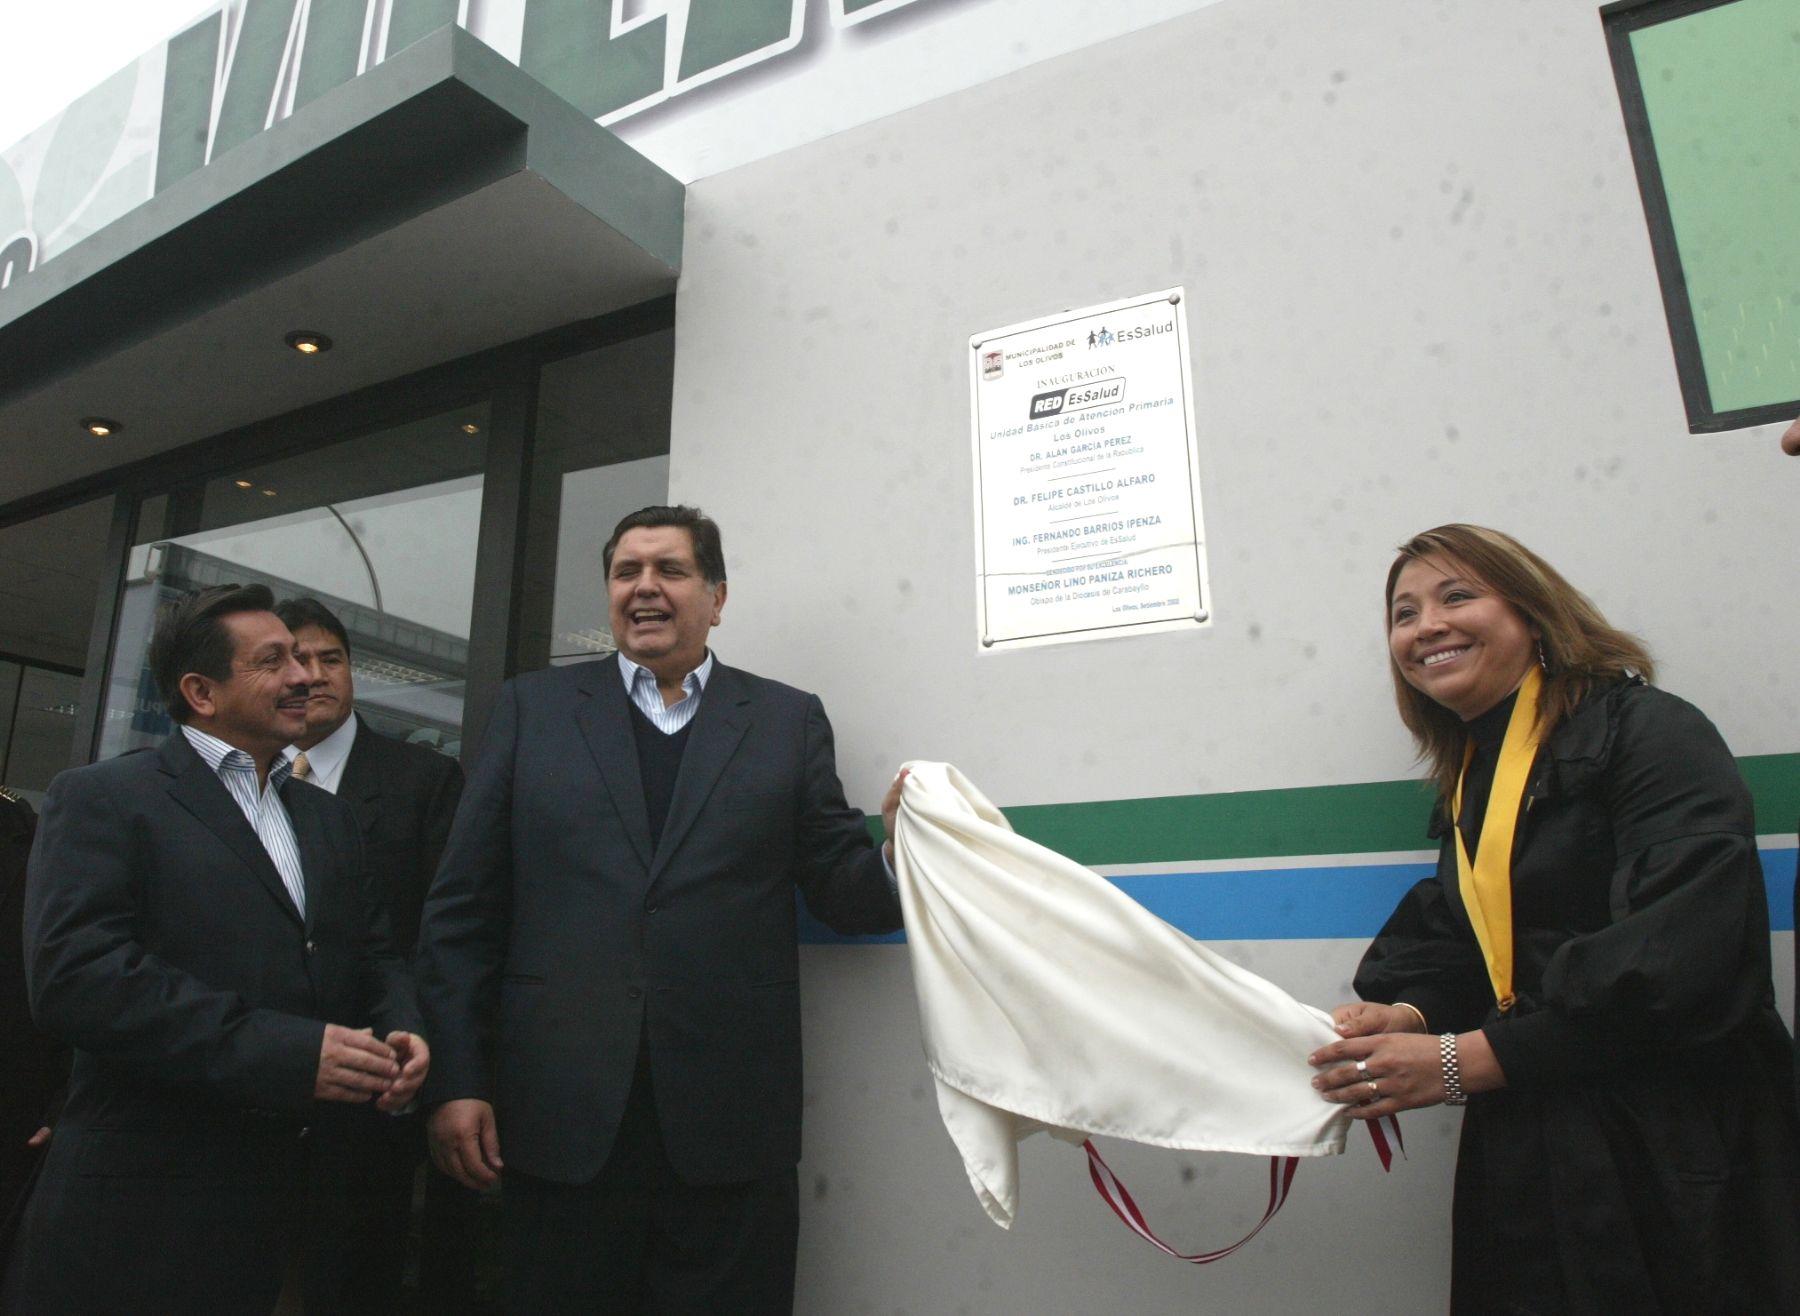 Presidenta Alan Garcia y titular de EsSalud inauguran centro de salud en Villa Sol, Los Olivos. Foto: ANDINA/Victor Palomino.